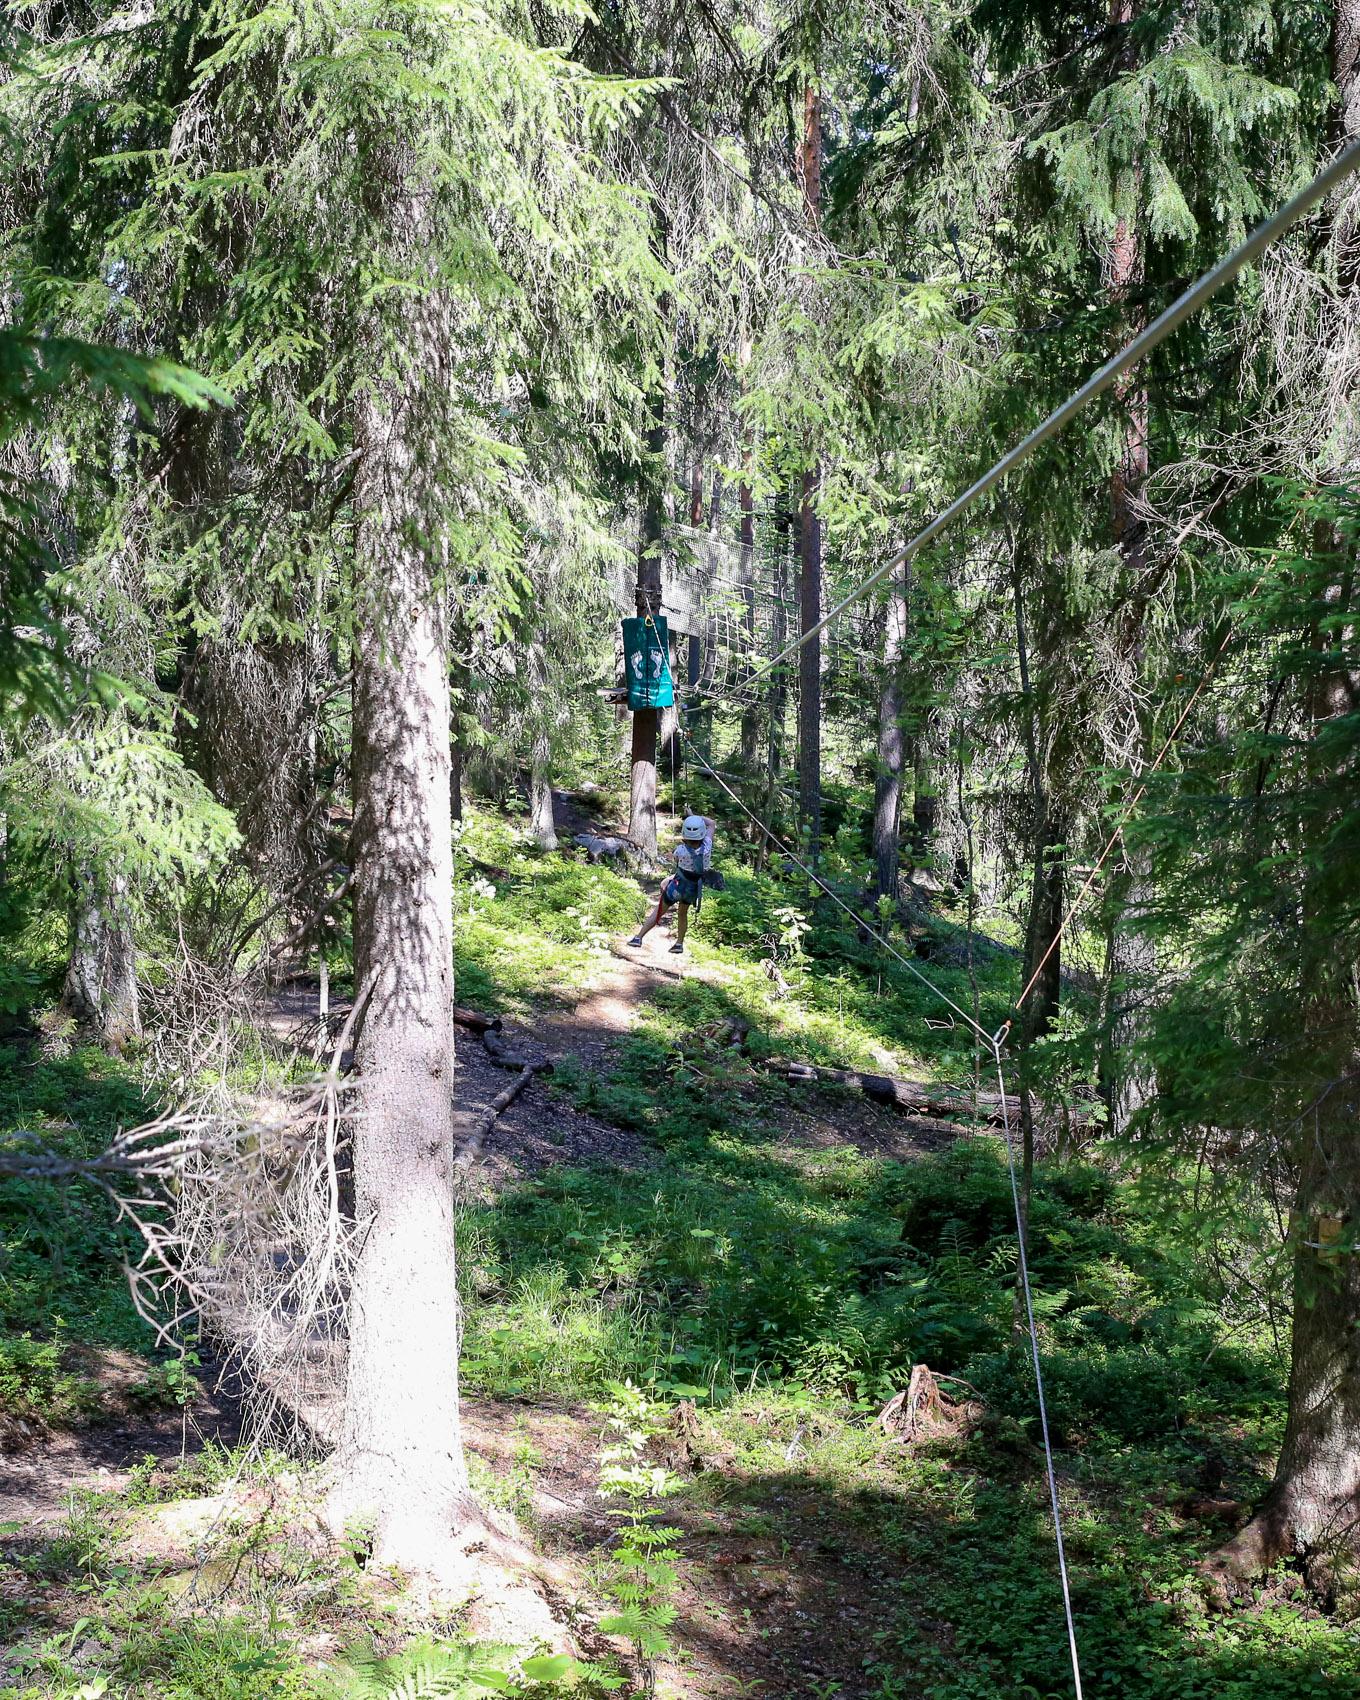 Seikkailupuisto Laajavuori Jyväskylä-9.jpg